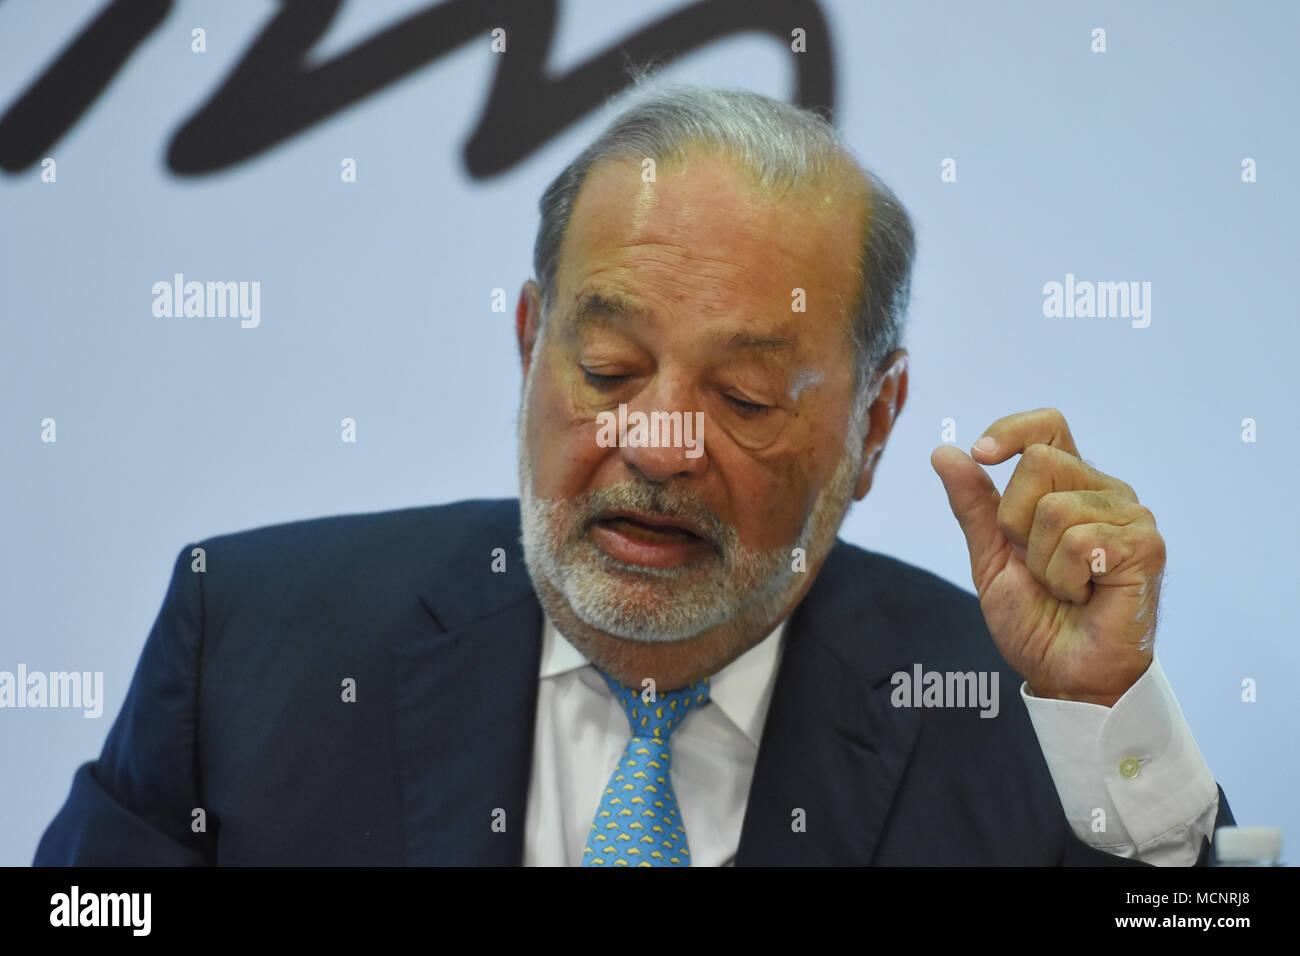 Che è Carlos Slim Helu dating